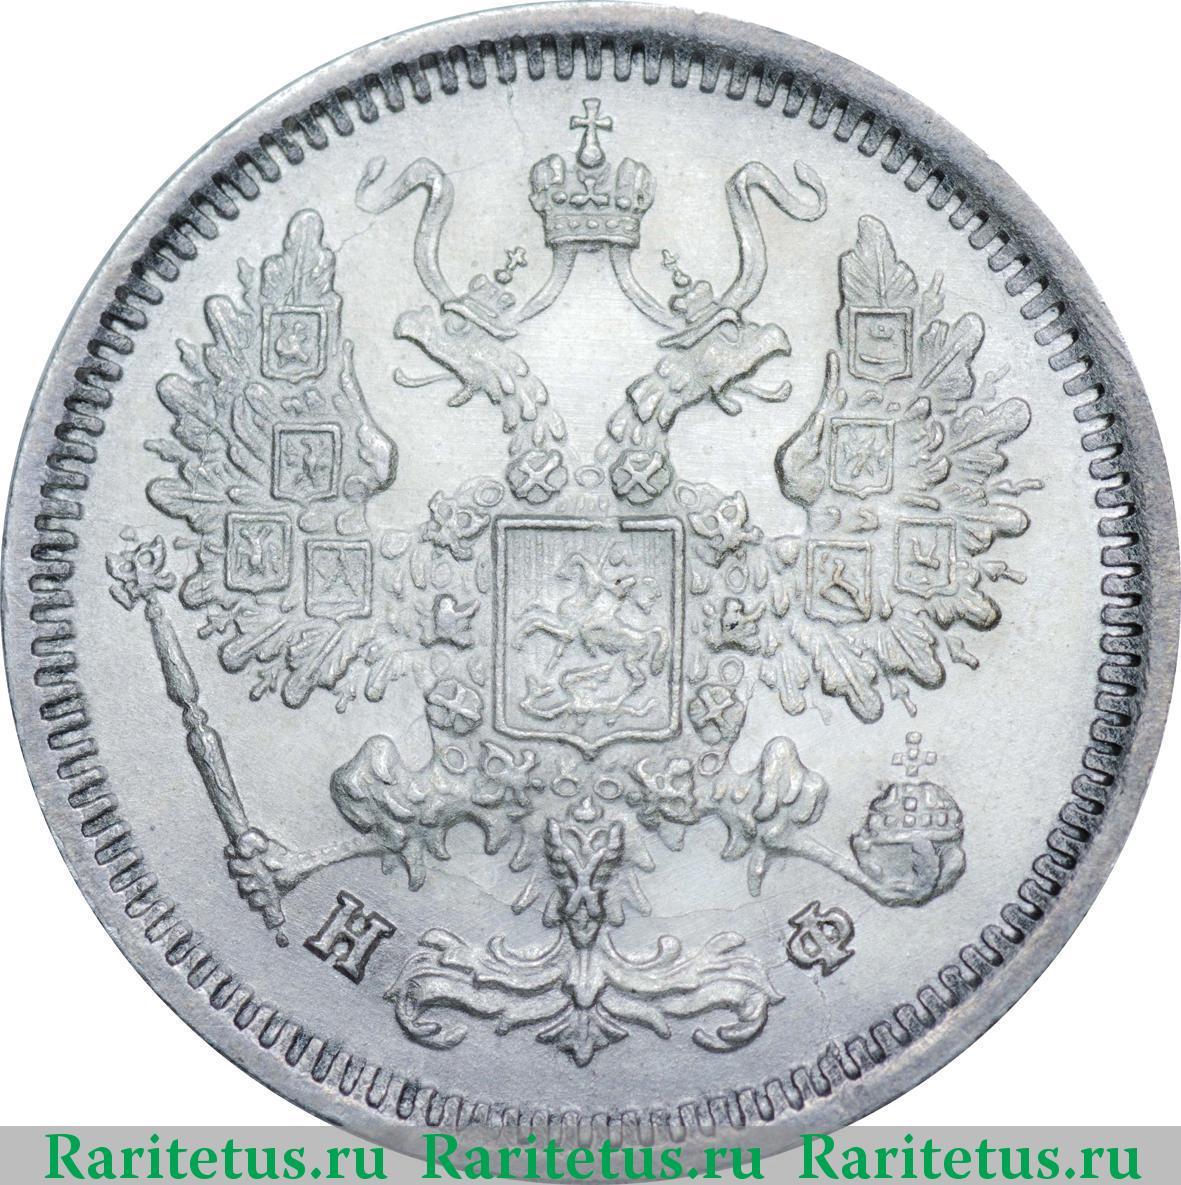 10 копеек 1878 года цена пять копеек 1837 года цена